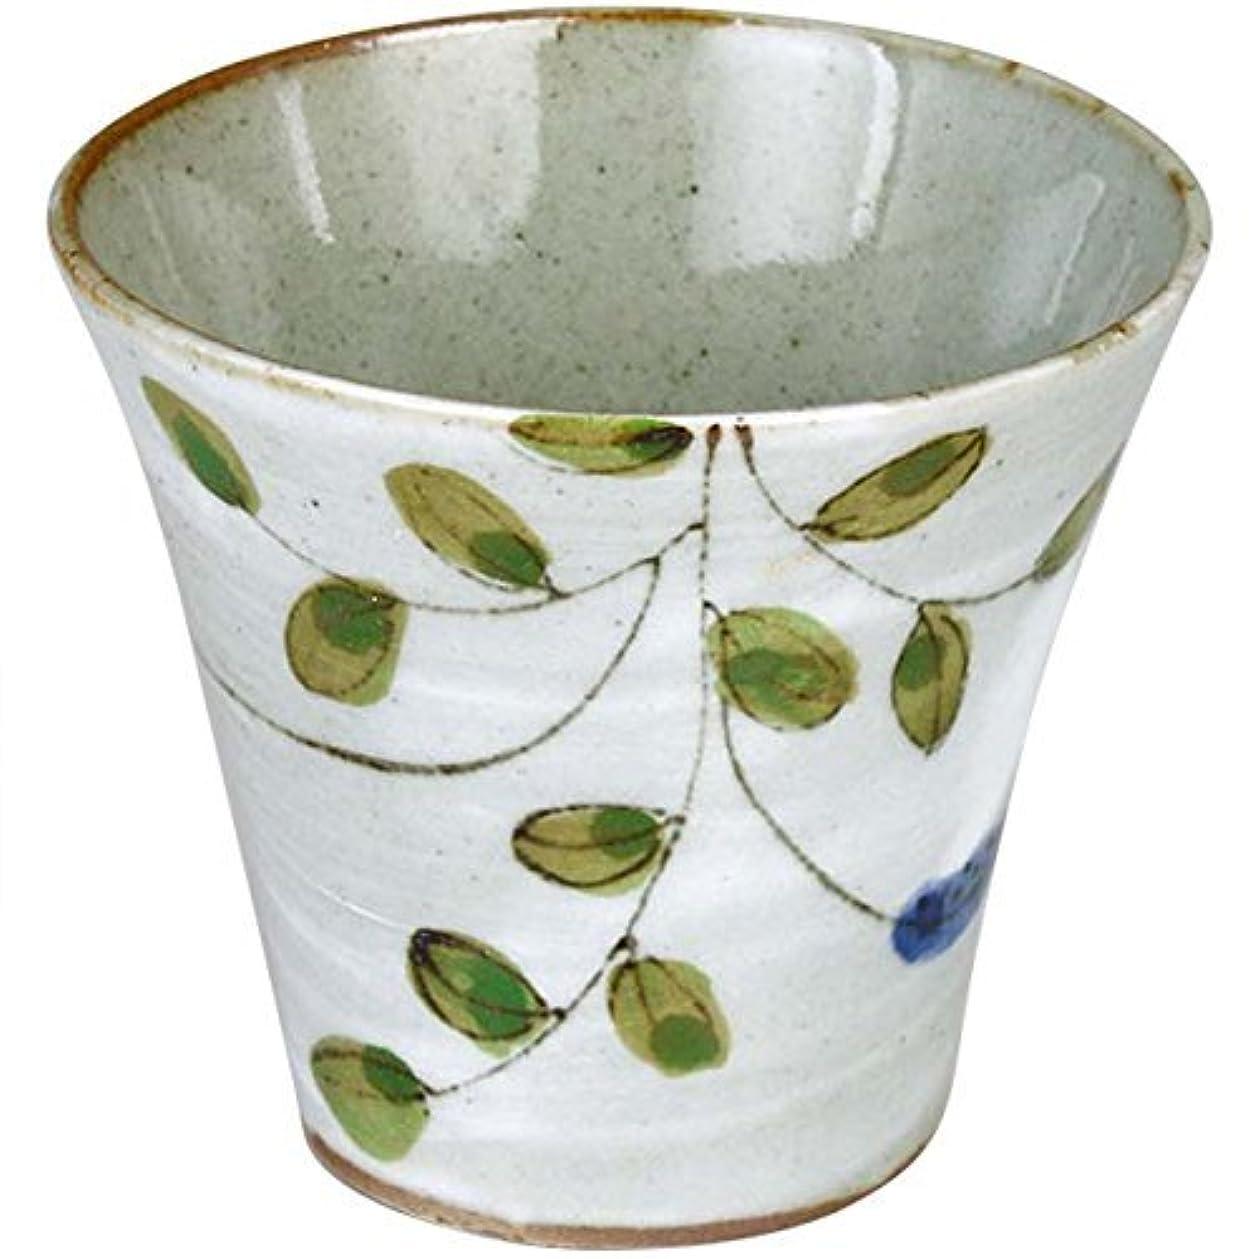 胚芽寝室を掃除する研磨有田焼 CtoC JAPAN 仙茶 02-643432